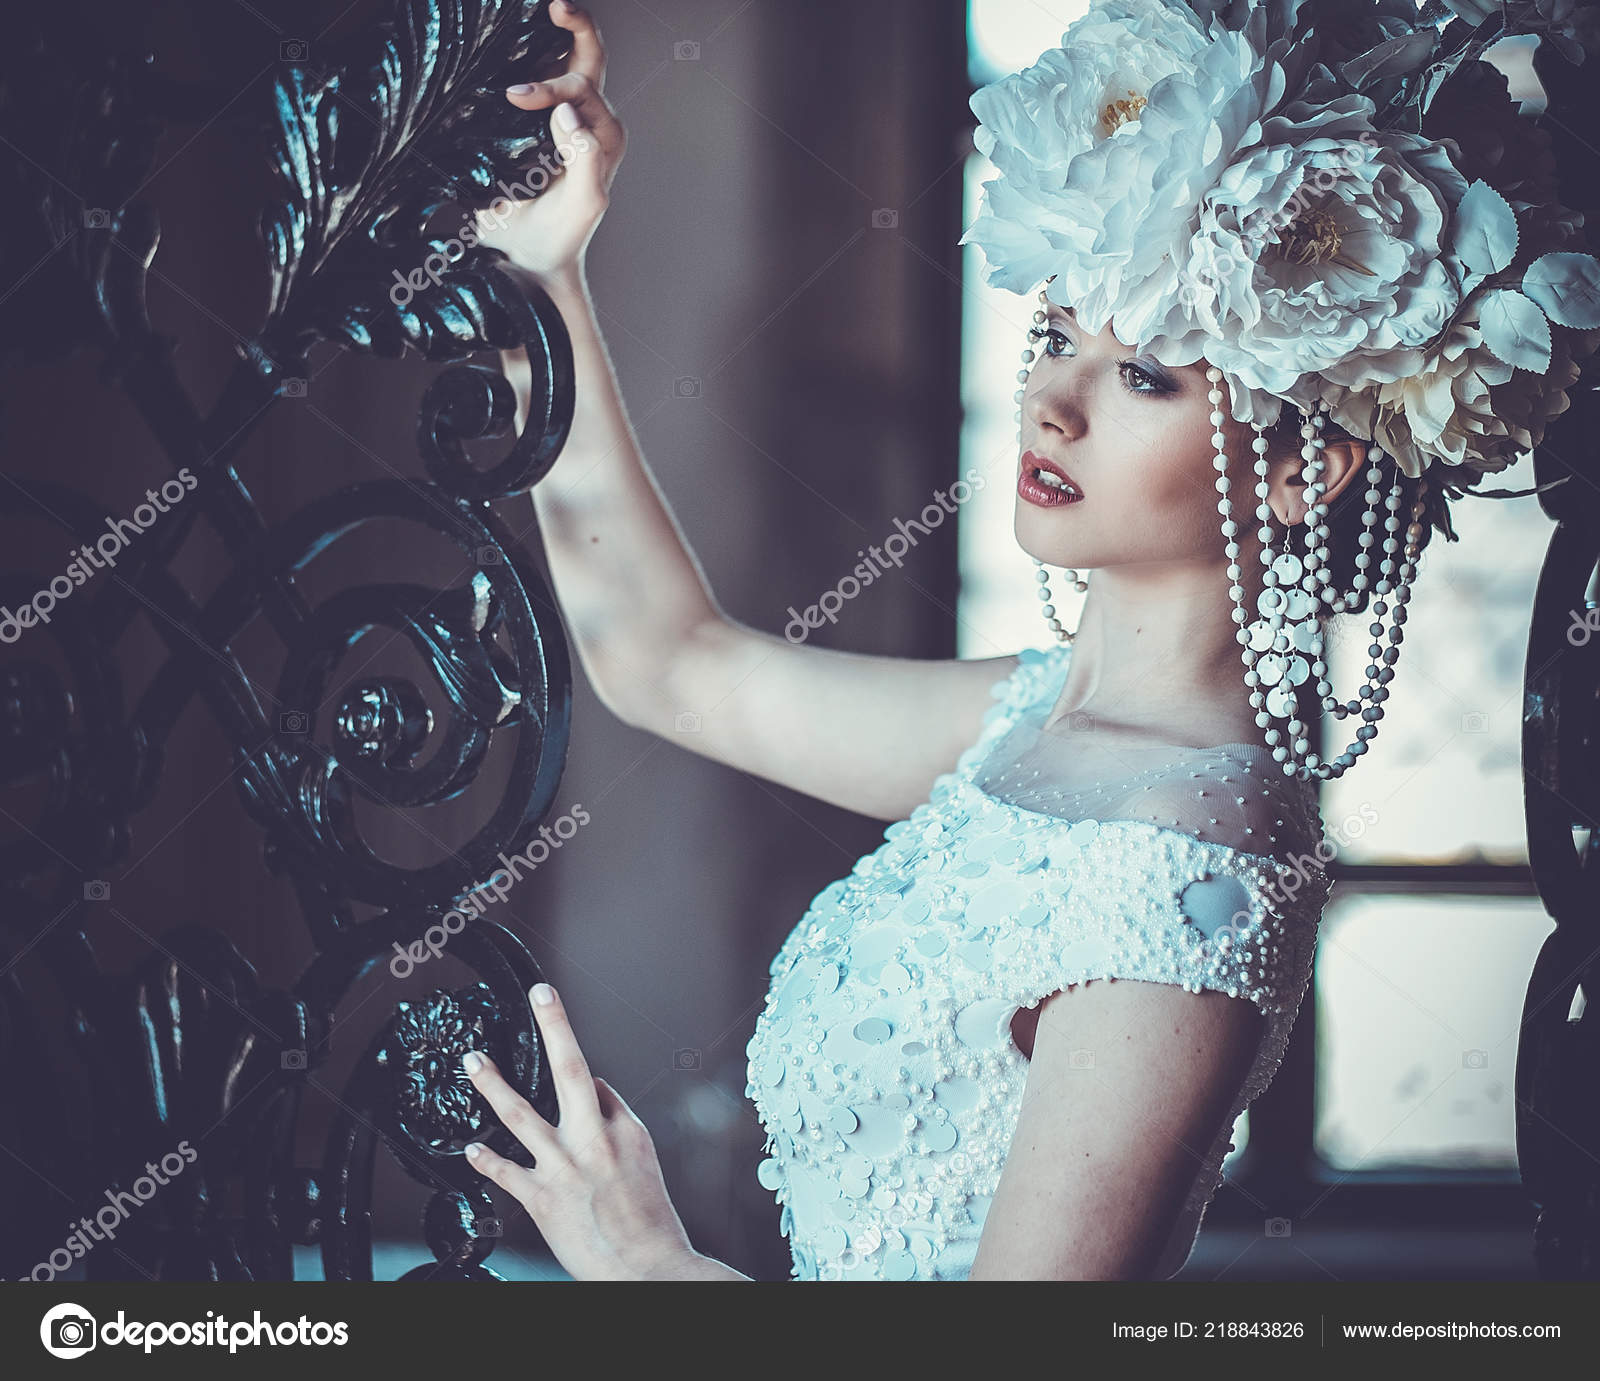 d3809ec3d8c Elegantní svatební šaty a korunka. Nádherná mladá žena. Nabídka nevěsta v  luxusním paláci– stock obrázky